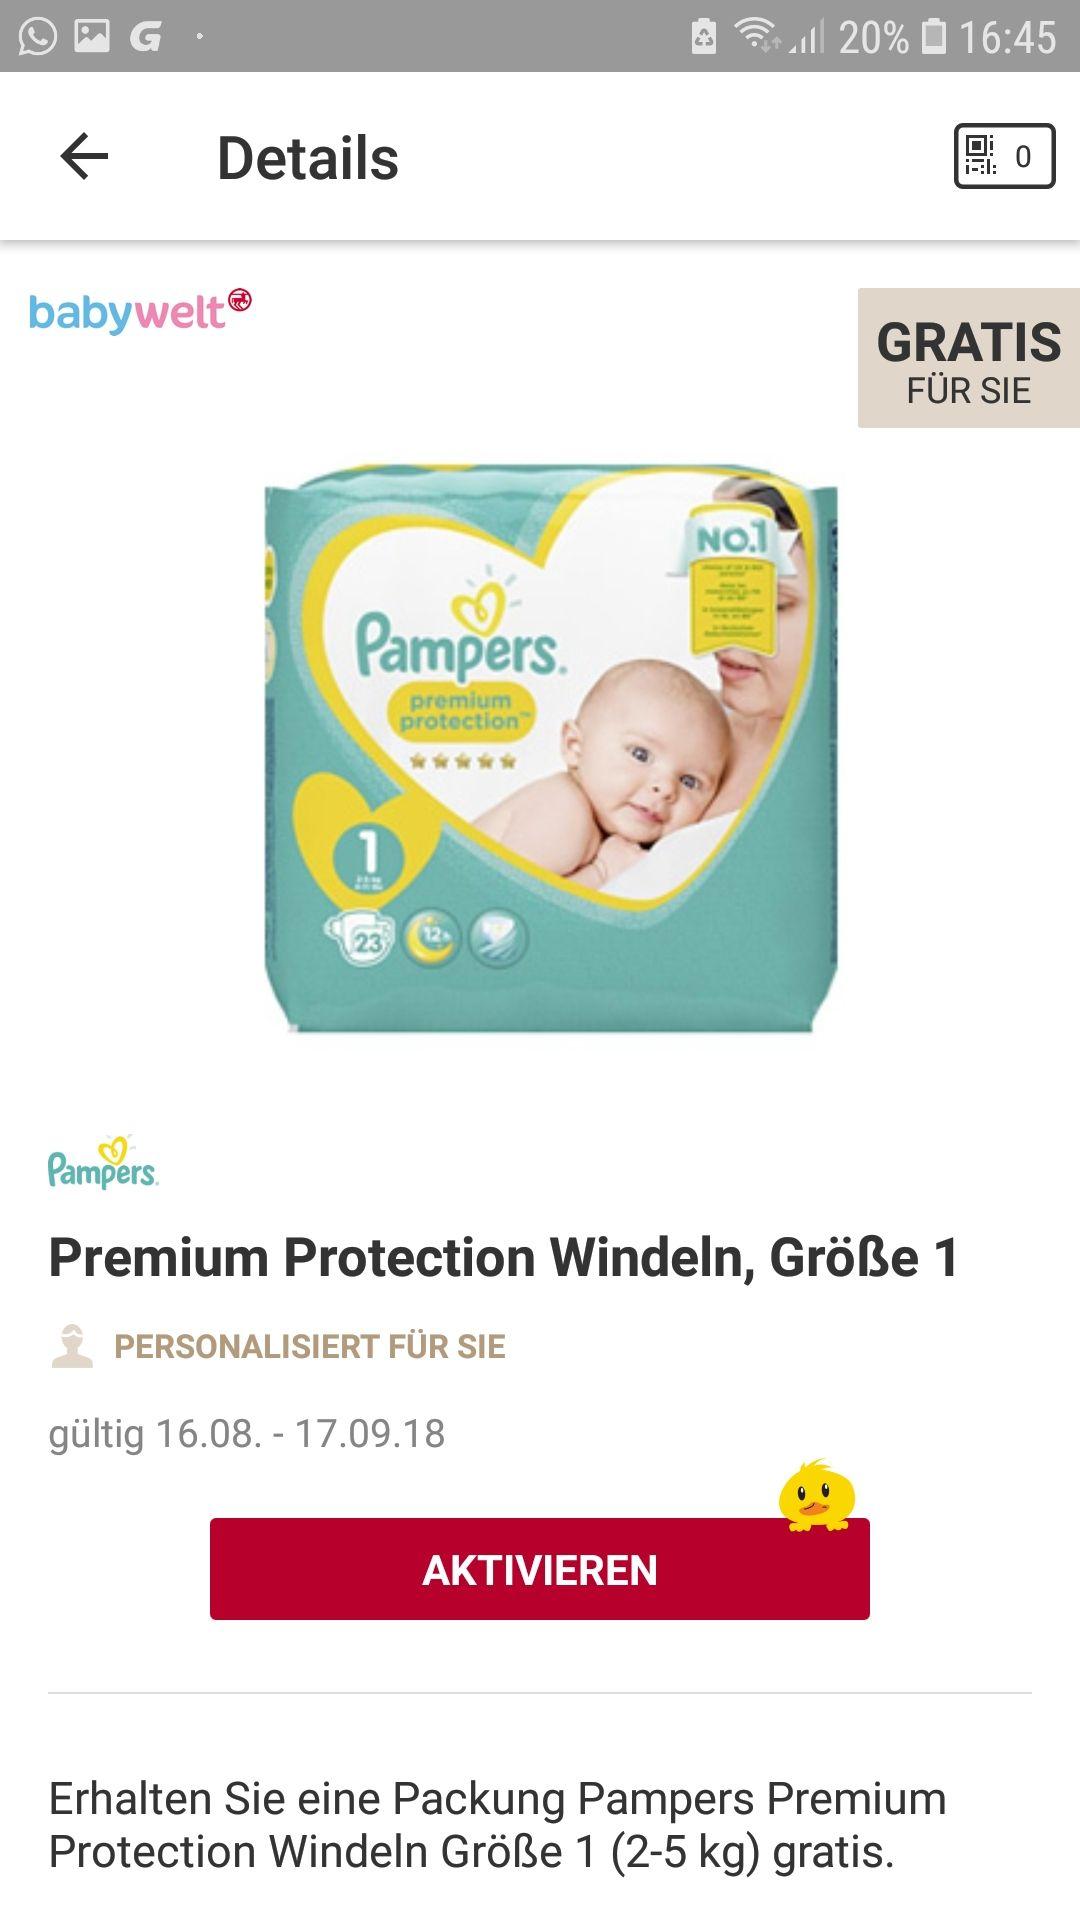 Rossmann App+Babywelt 1x Pampers (Orginal) gratis +1 x babydream windeln Gratis + 1 x Handcreme Gratis